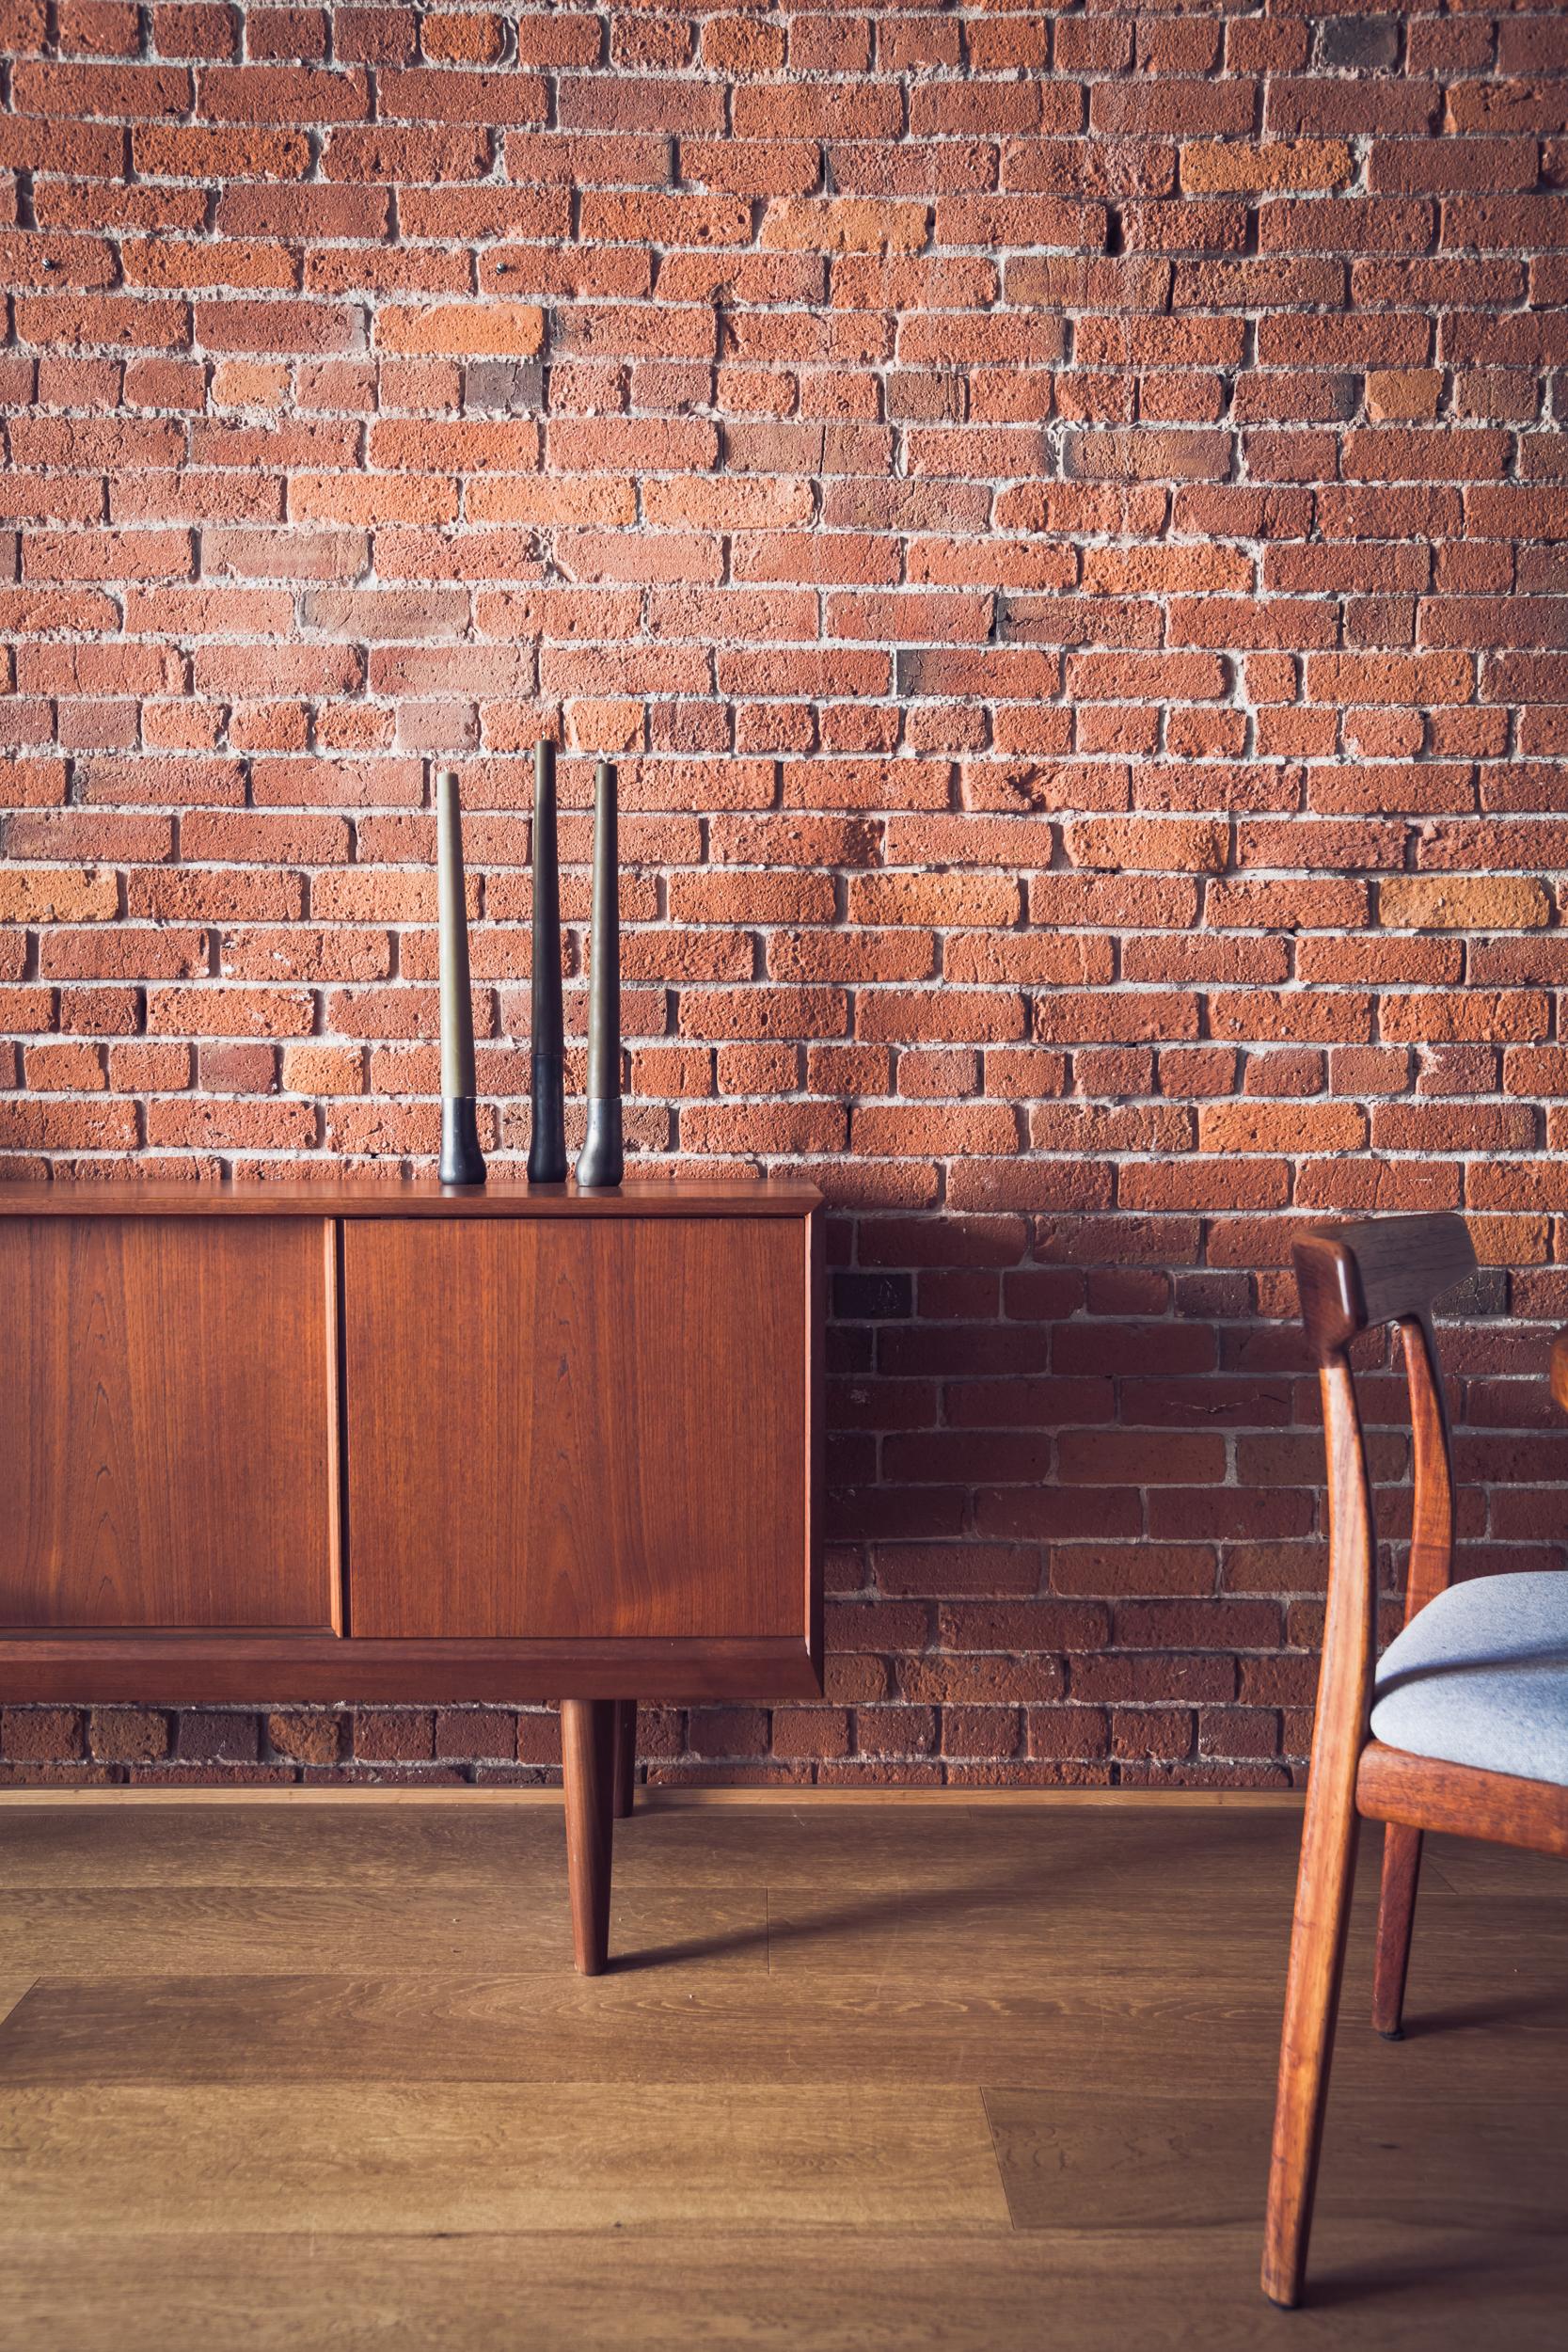 designreflektor-editorial-commercial-photopgraphy-vancouver-0225.jpg